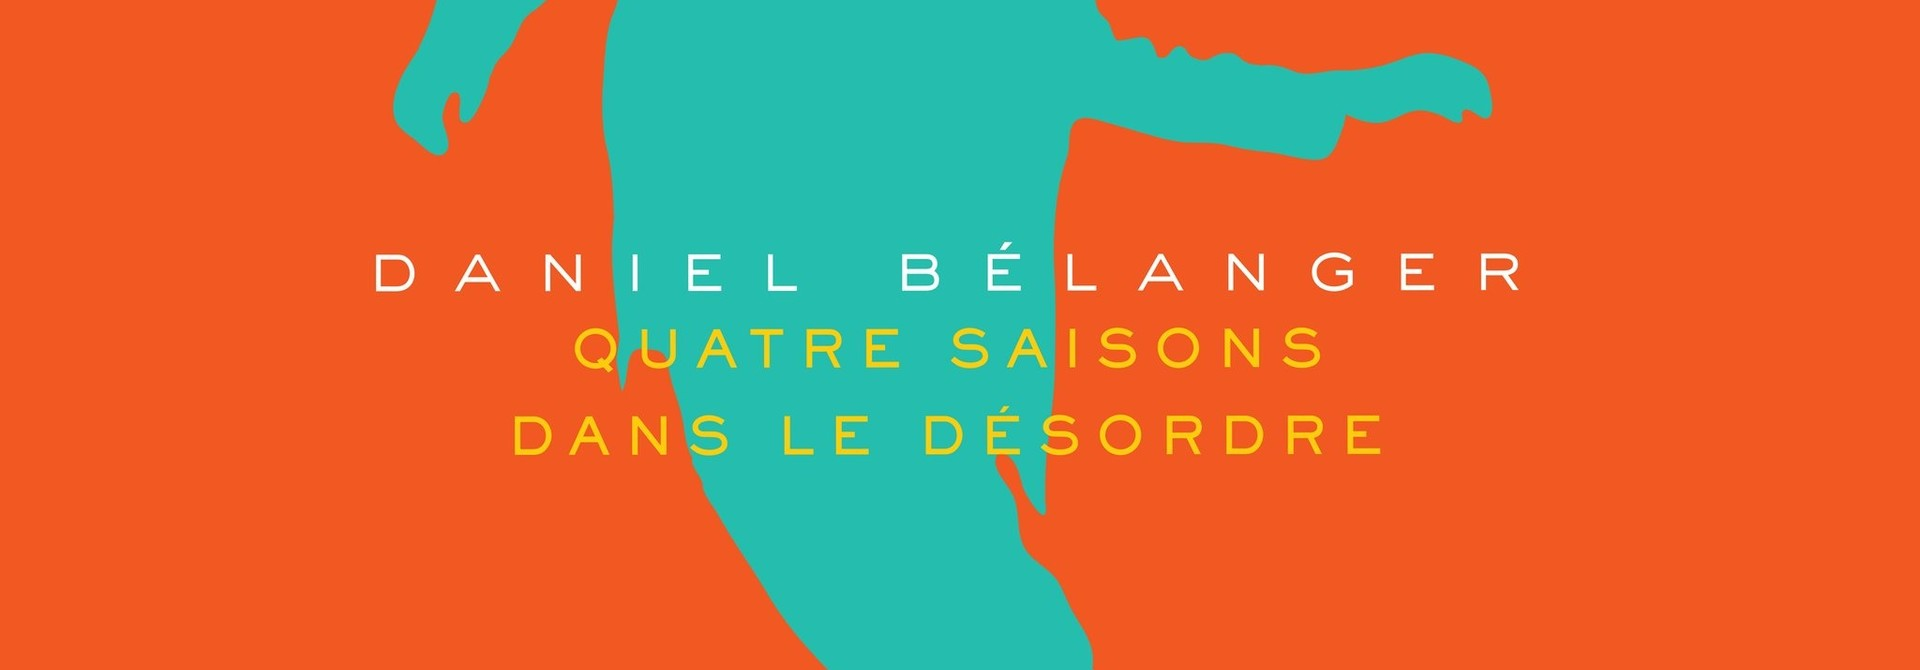 Daniel Bélanger • Quatre saisons dans le désordre